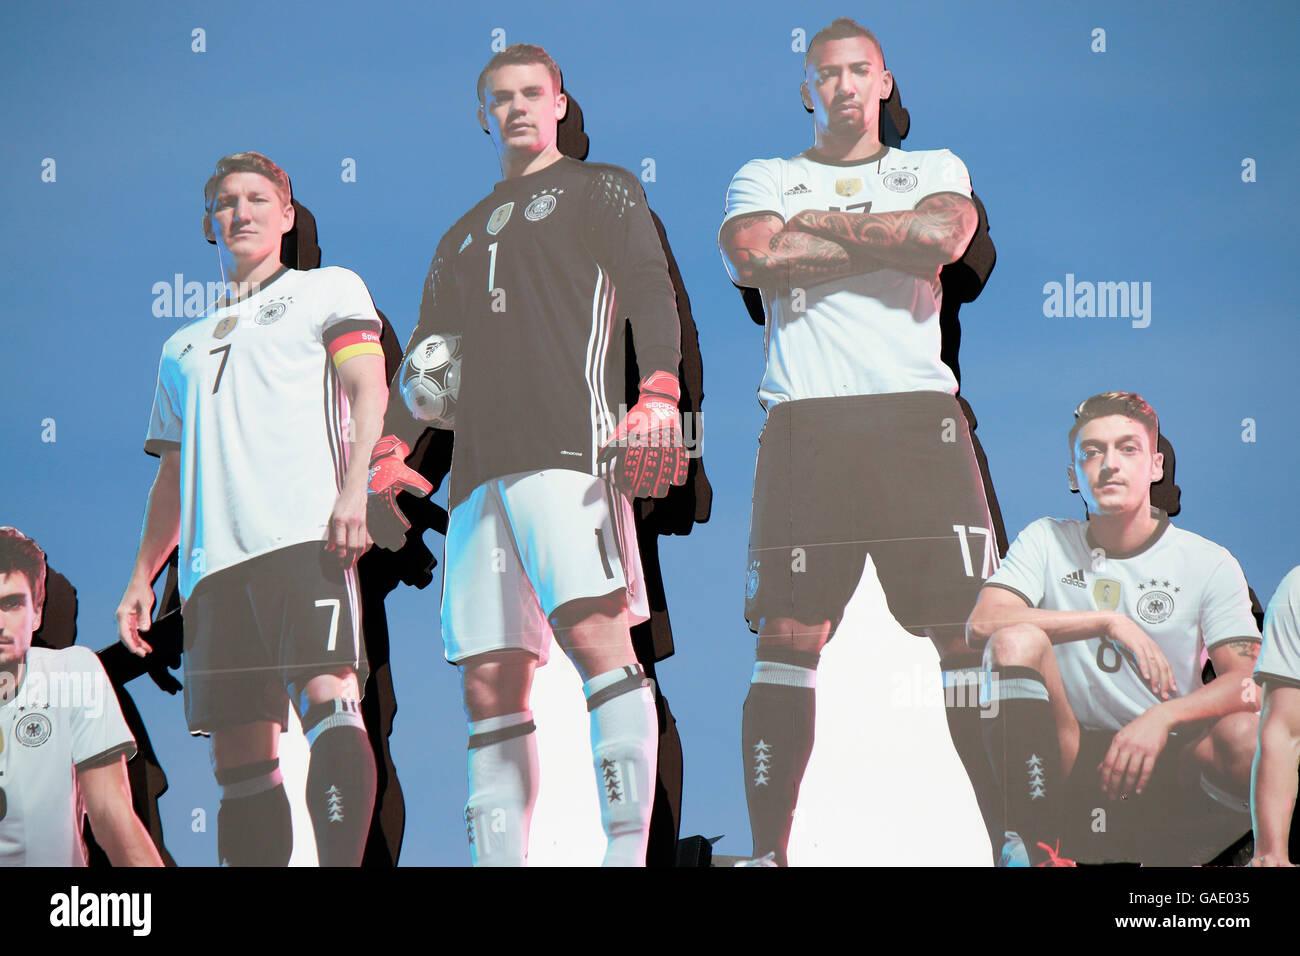 Bilder von  Mats Hummels, Bastian Schweinsteiger, Manuel Neuer, Jerome Boateng, Mesut Oezil  - 'Die Mannschaft' - Stock Image